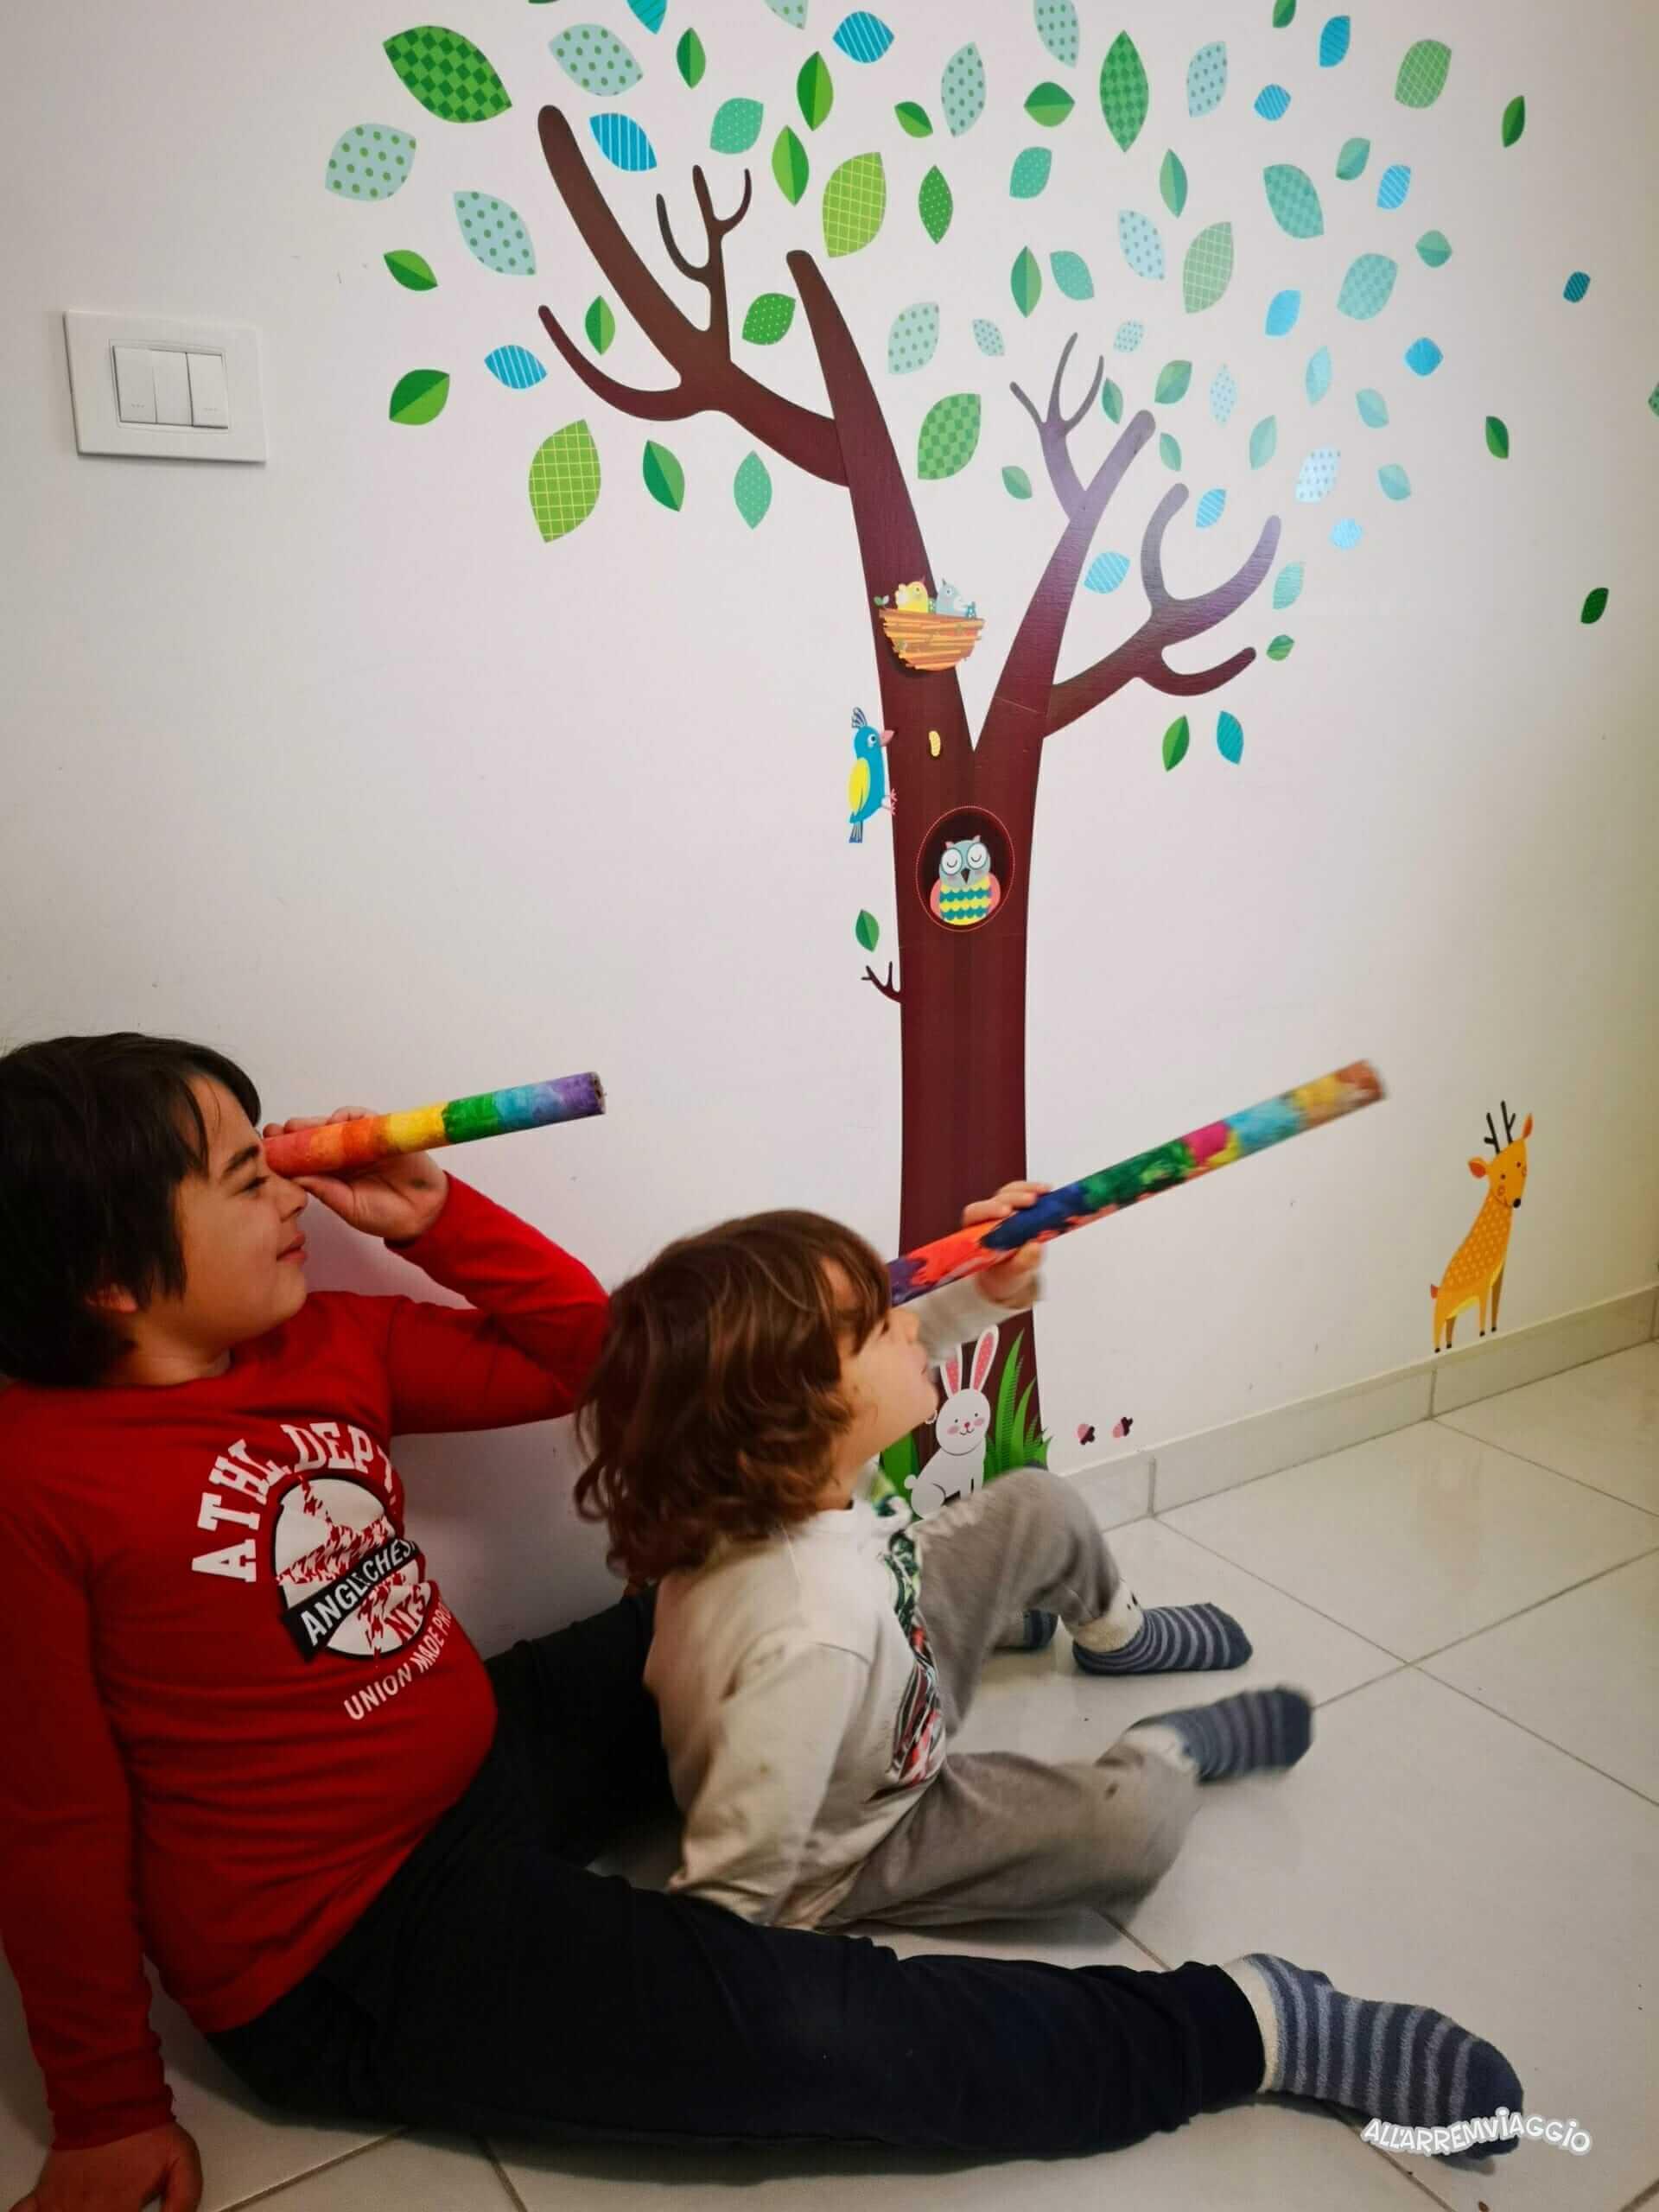 giochi_da_fare_in_casa_con_i_bambini